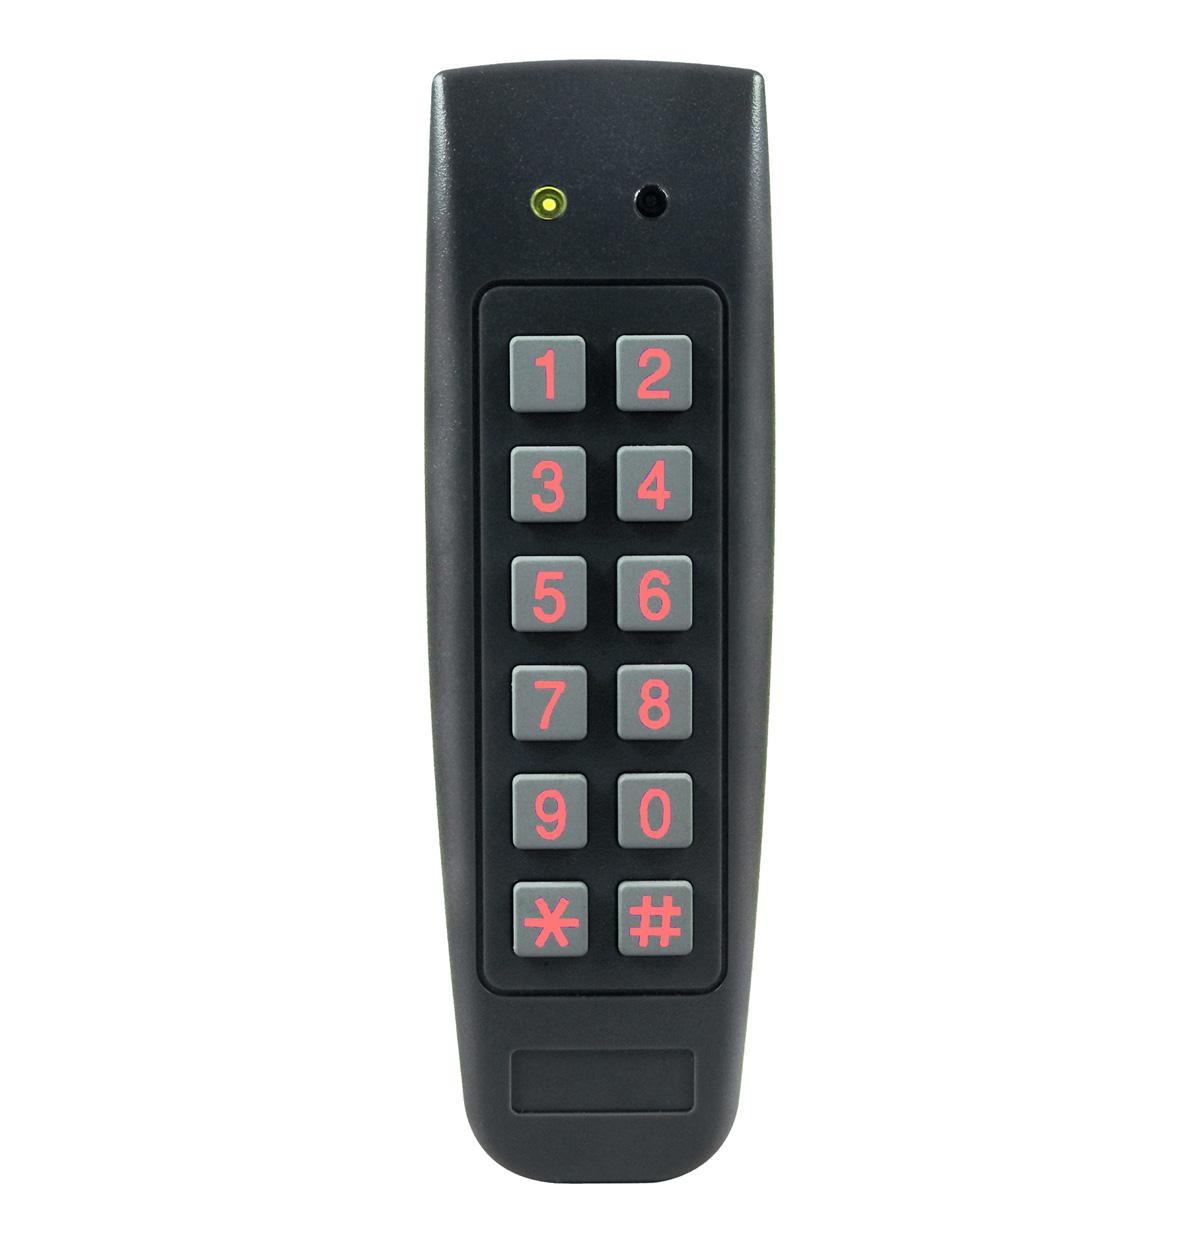 CONAC-369 | Tastiera controllo accessi convertibile (Autonomo/Wiegand 26bit)